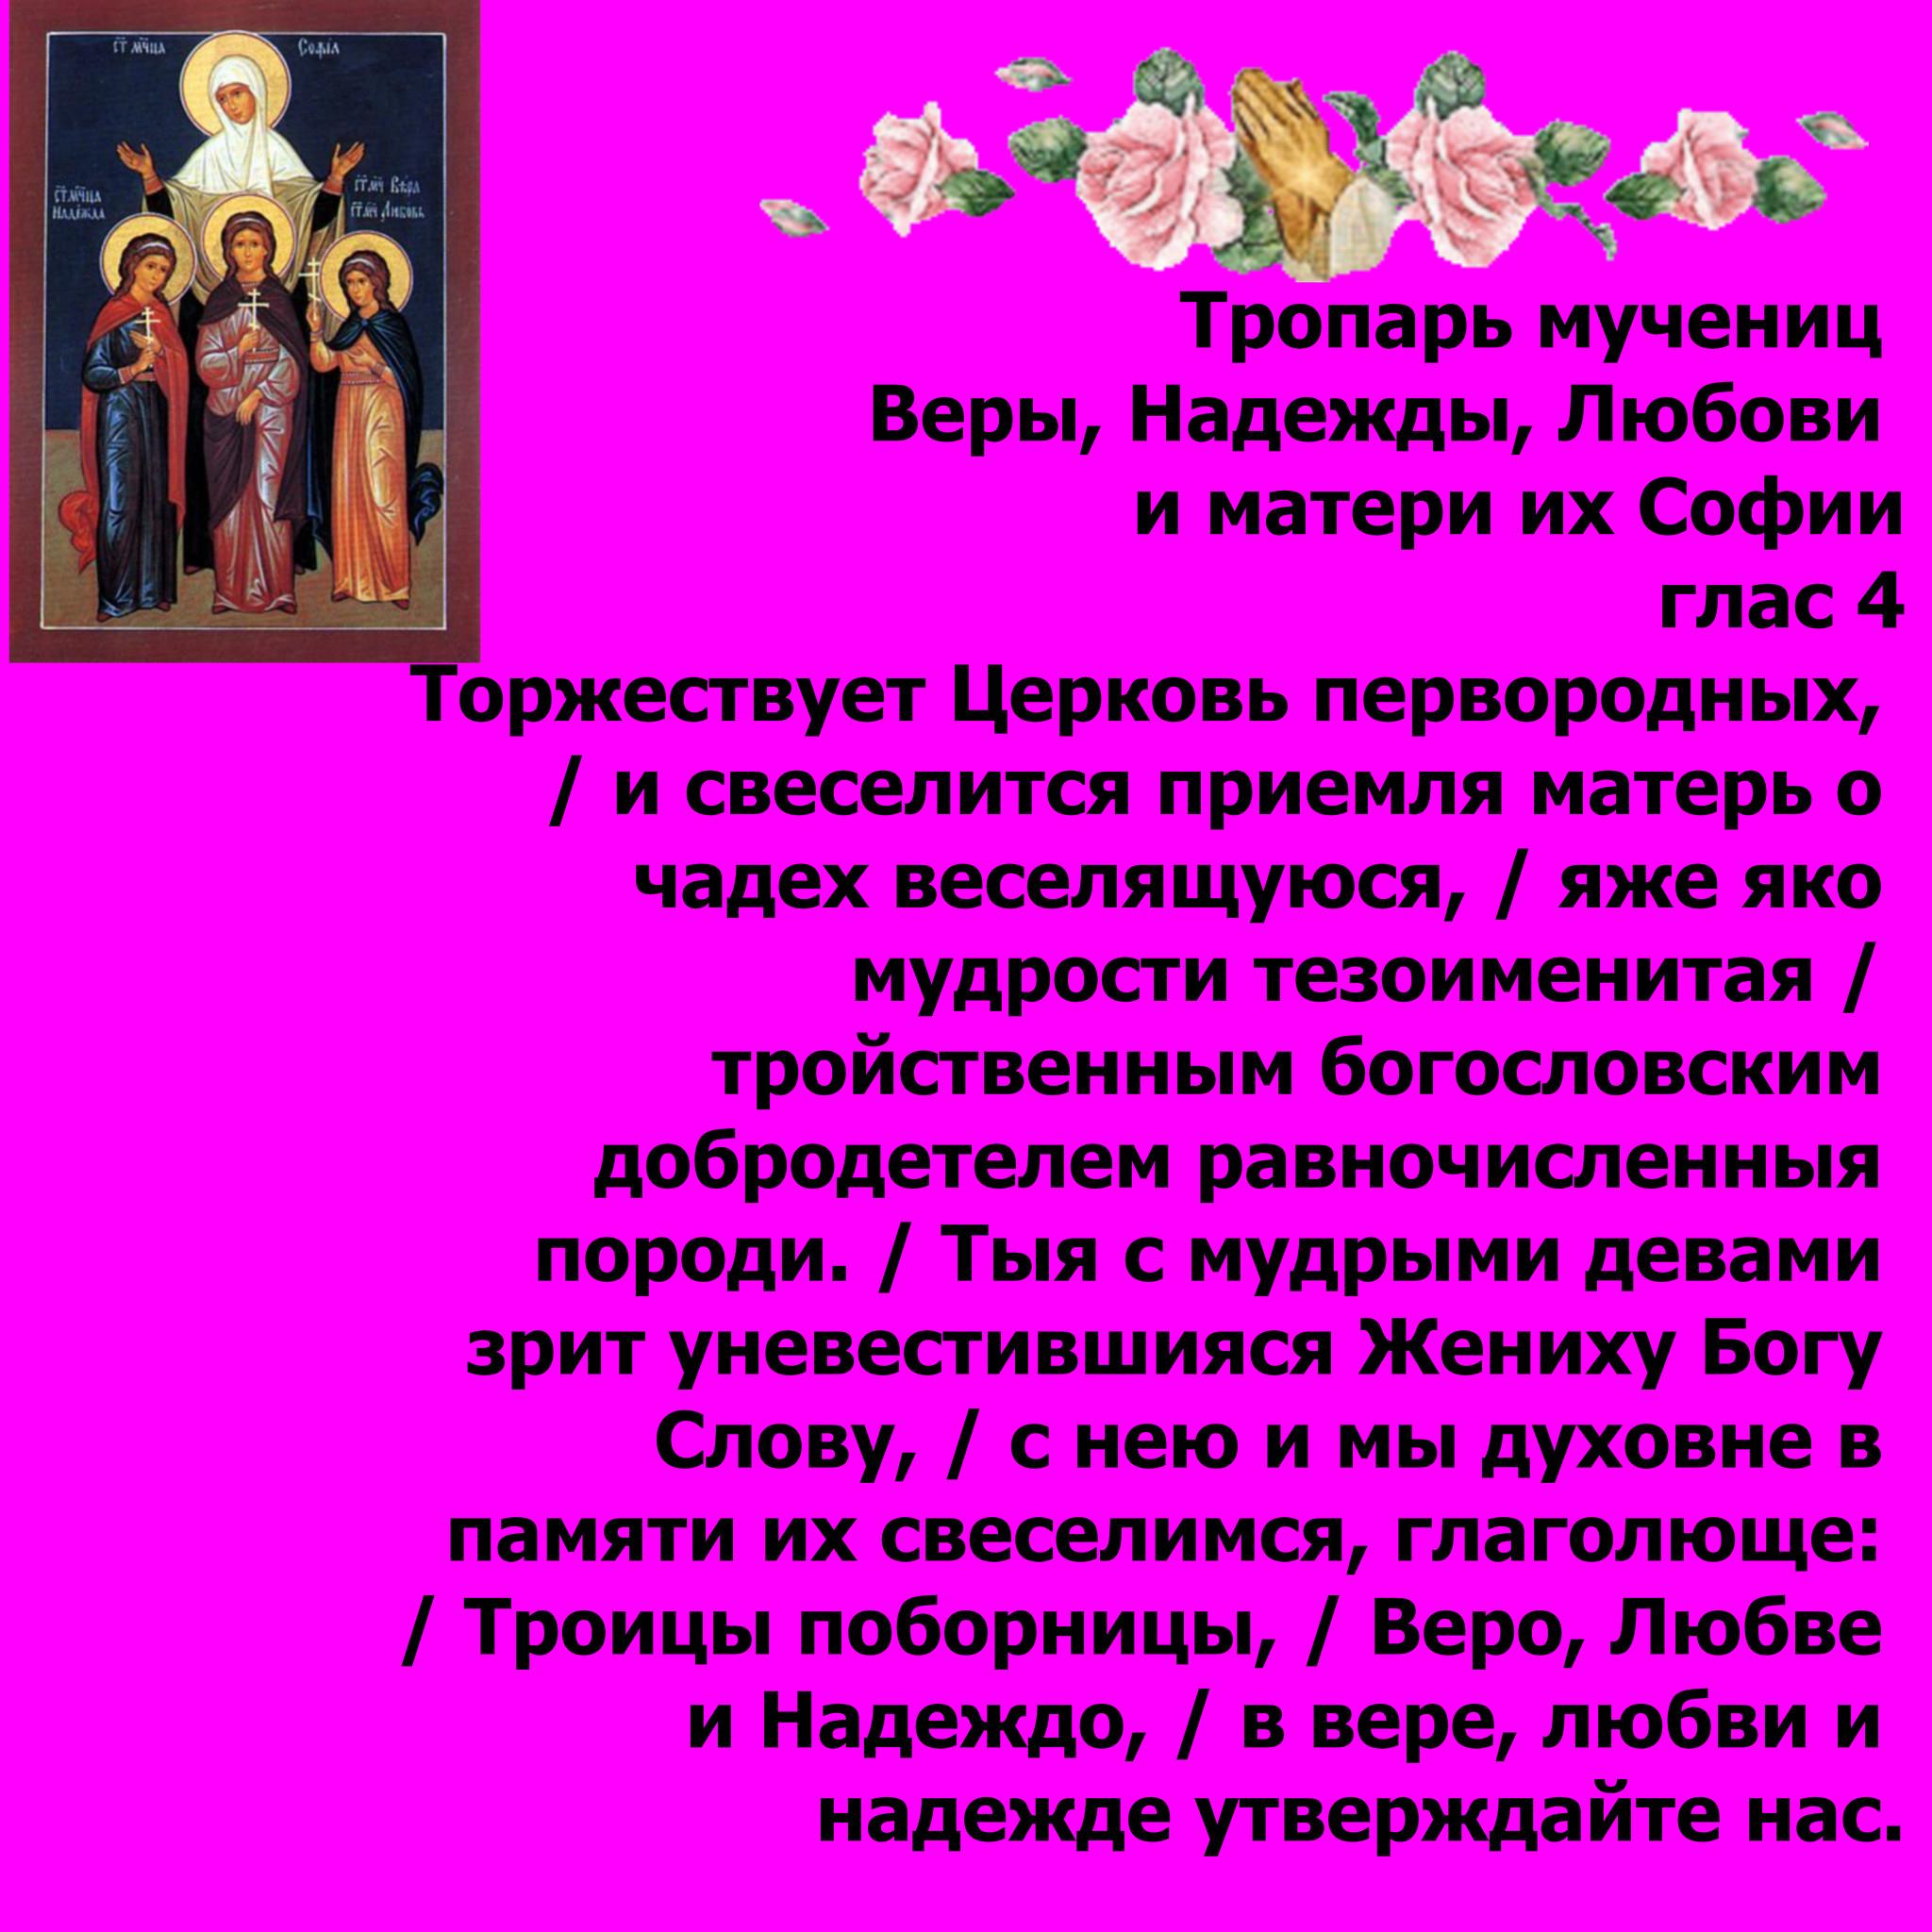 Поздравления Вера, Надежда, Любовь - Поздравок 96